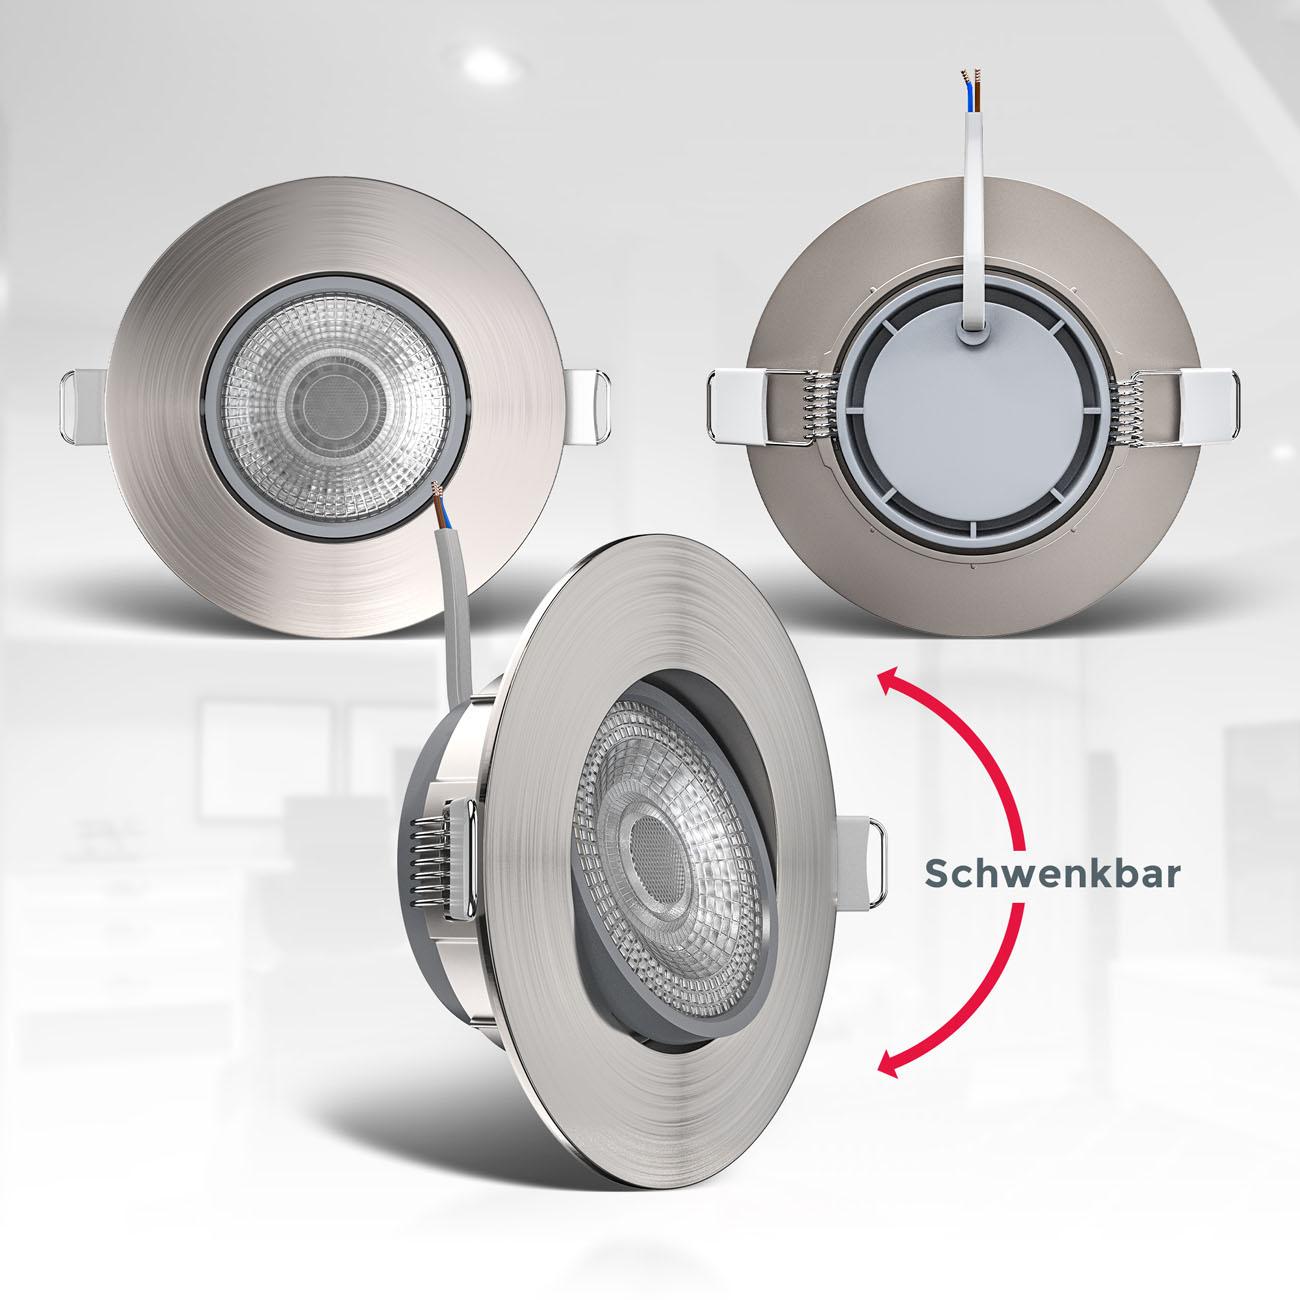 LED Einbaustrahler | Einbauleuchte 3er SET | ultra flach 5W schwenkbar dimmbar - 6